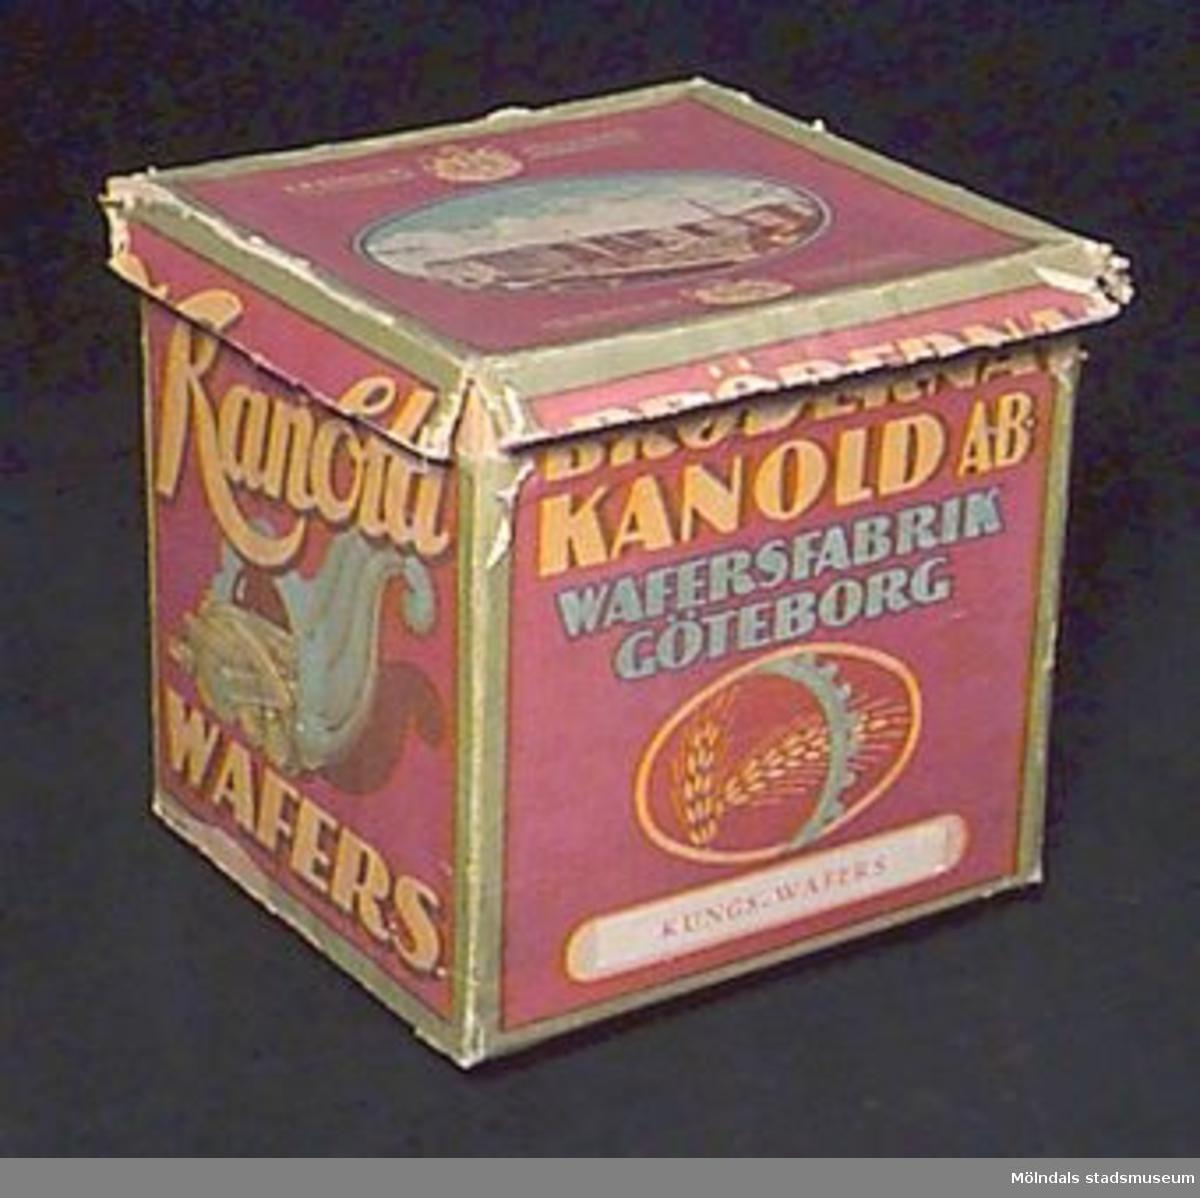 """Pappkartong med polykromt papper och huvudsaklig färg lila, text i gult. På fram- och baksida text: """"BRÖDERNA KANOLD AB WAFERSFABRIK GÖTEBORG"""". Påklistrad papperslapp med tryck: """"KUNGS-WAFERS"""". Bild med sädesax och del av kugghjul, kortsidorna har texten """"Kanold WAFERS"""" och ett ymnighetshorn med Kanolds produkter. På locket foto över fabriken, stora riksvapnet avbildat två gånger och text: """"HM Konungens hovleverantör"""" och """"H.K.H. Kronprinsens hovleverantör"""". Papperet tillverkat av AB Vaxpapper & Lito, Göteborg, troligen också kartongen. AB Vaxpapper & Lito var dotterbolag till AB Bröderna Kanold. Beräkningar med blyerts på locket."""